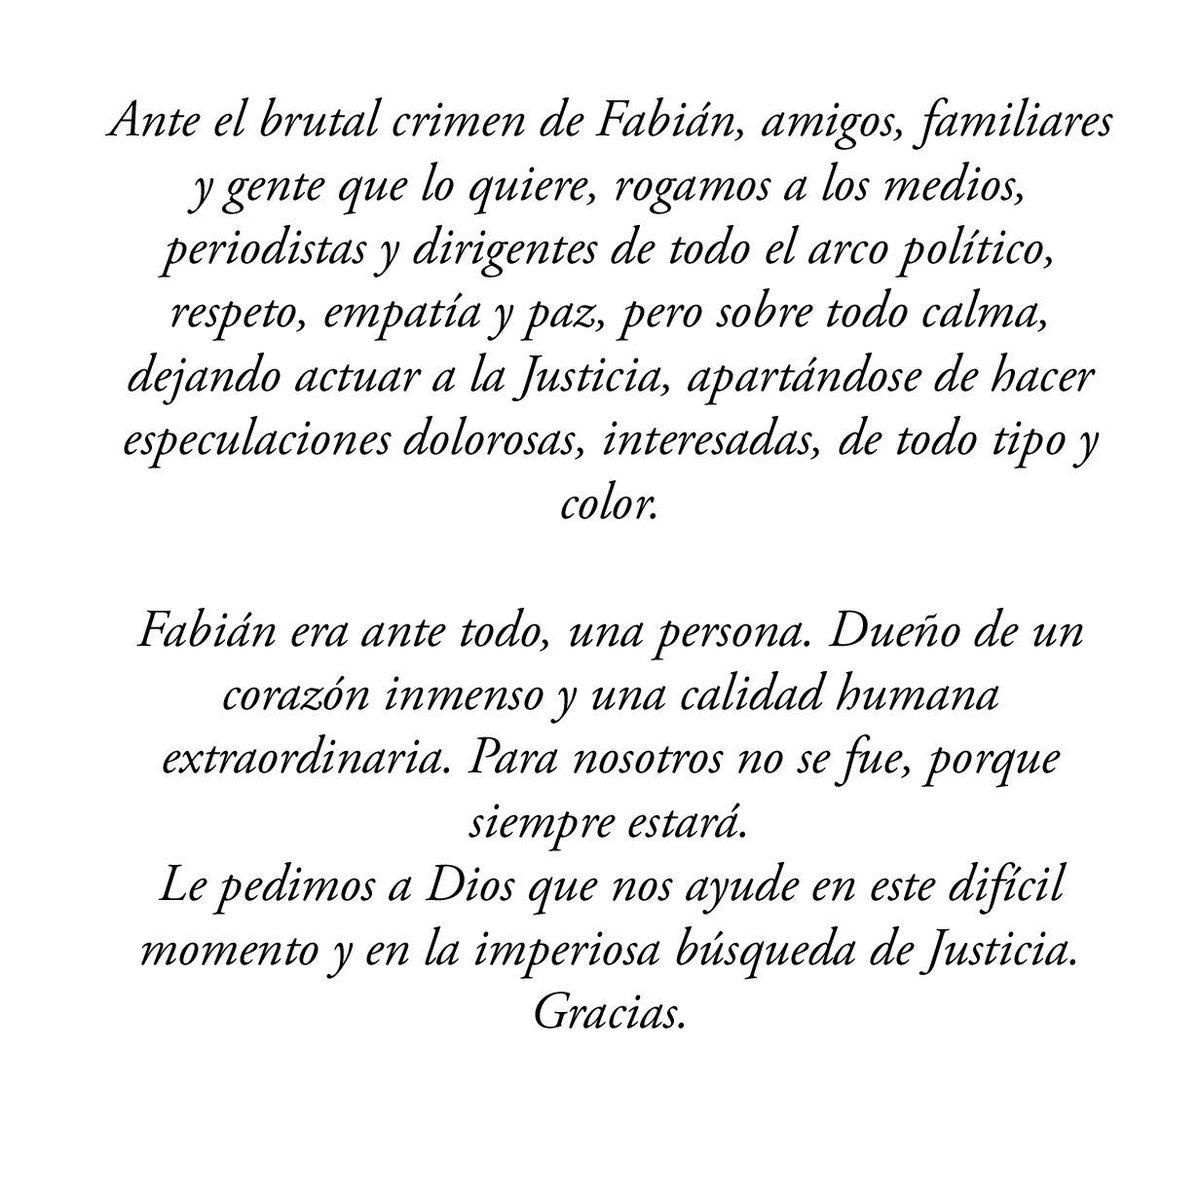 Comunicado de familiares y amigos de Fabián Gutiérrez https://t.co/NweR9GXThf